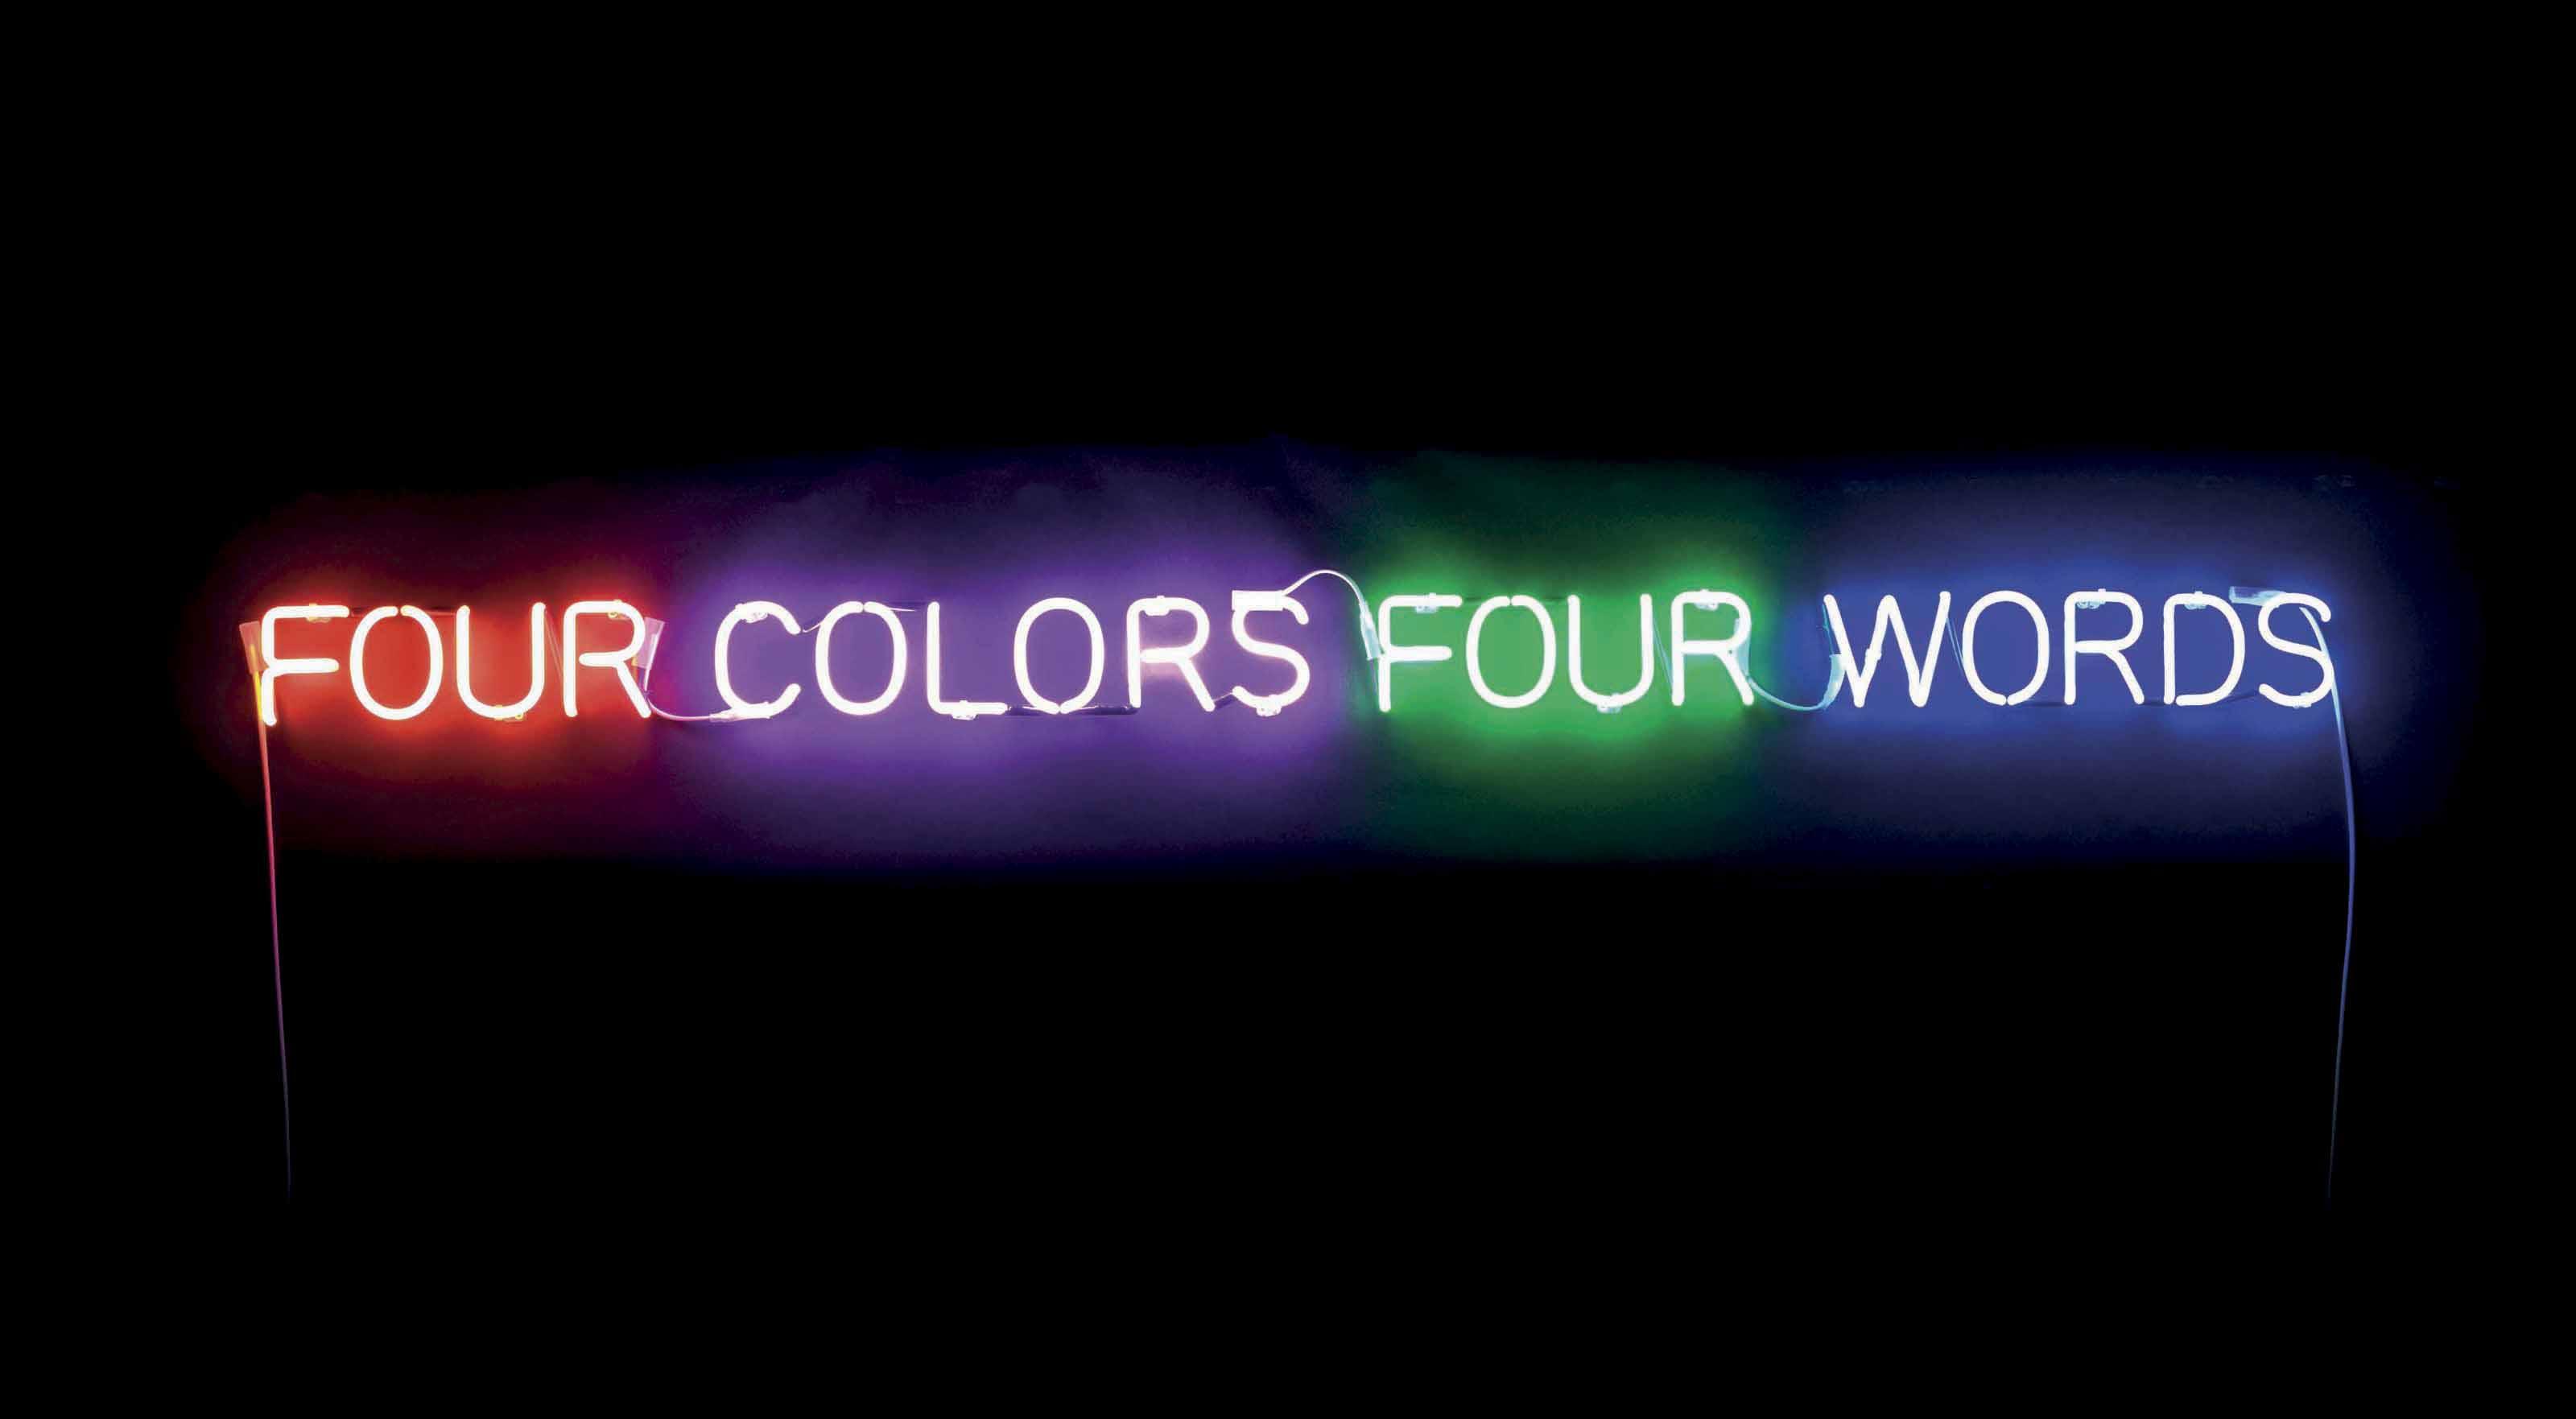 'Four Colors Four Words'